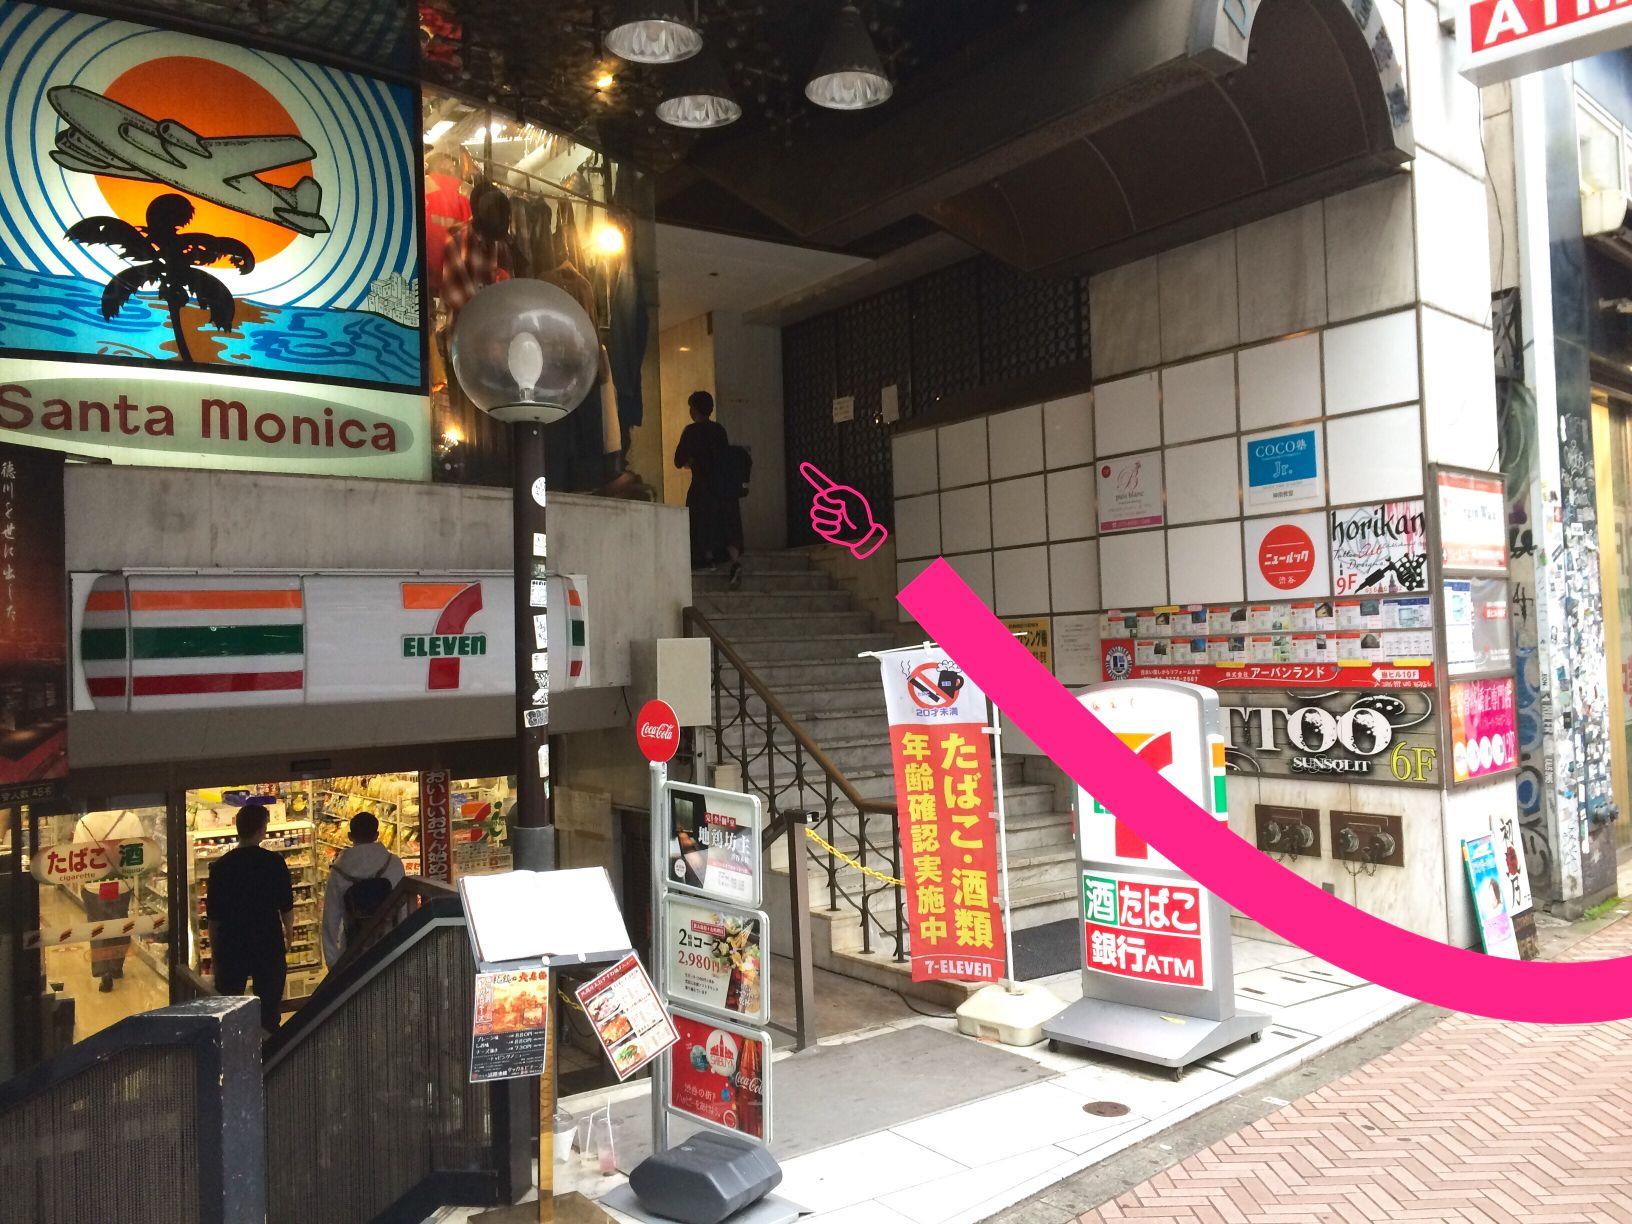 ダイネス壱番館渋谷の入り口はこちらです。その先のエレベーター8Fが占い館BCAFE(ビーカフェ)で、エレベーター乗らずに突き当たりを右で「汁べえ」です